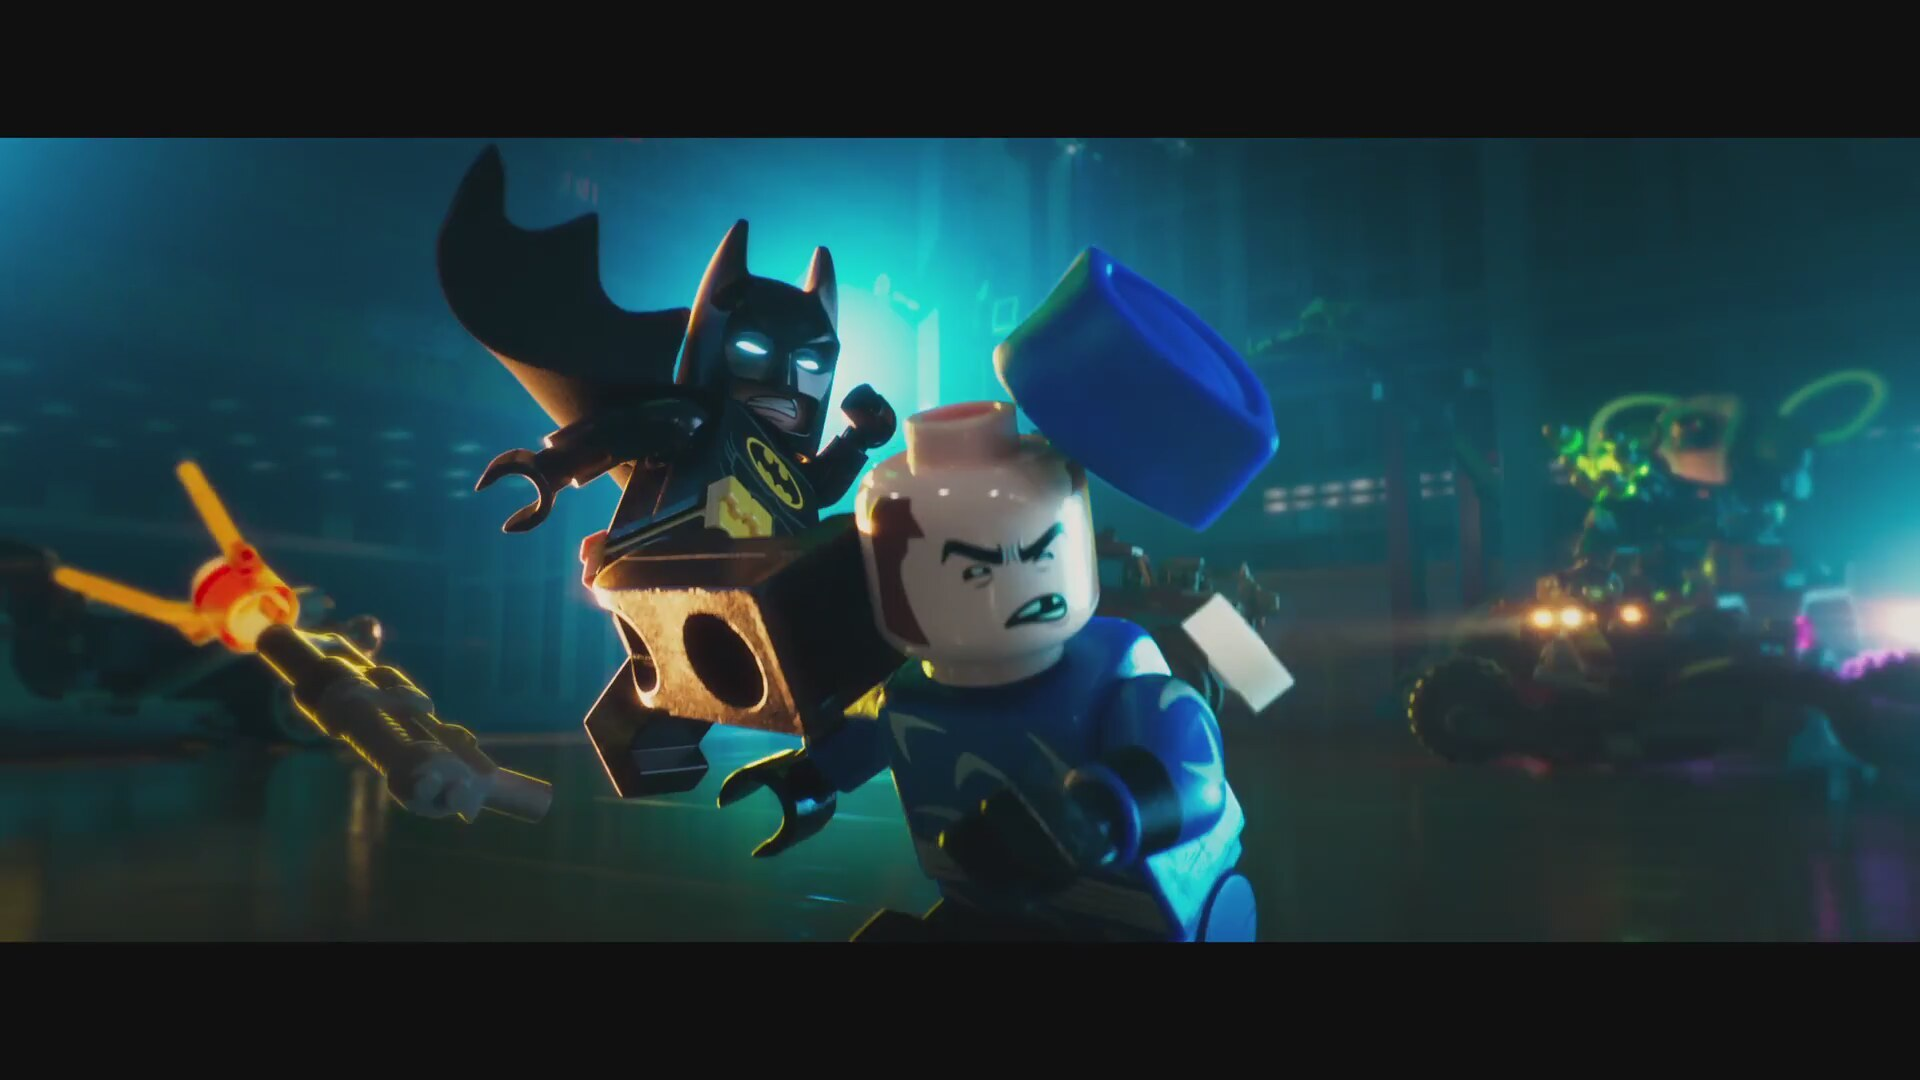 Лего Фильм Бэтмен 2017  отзывы о фильме